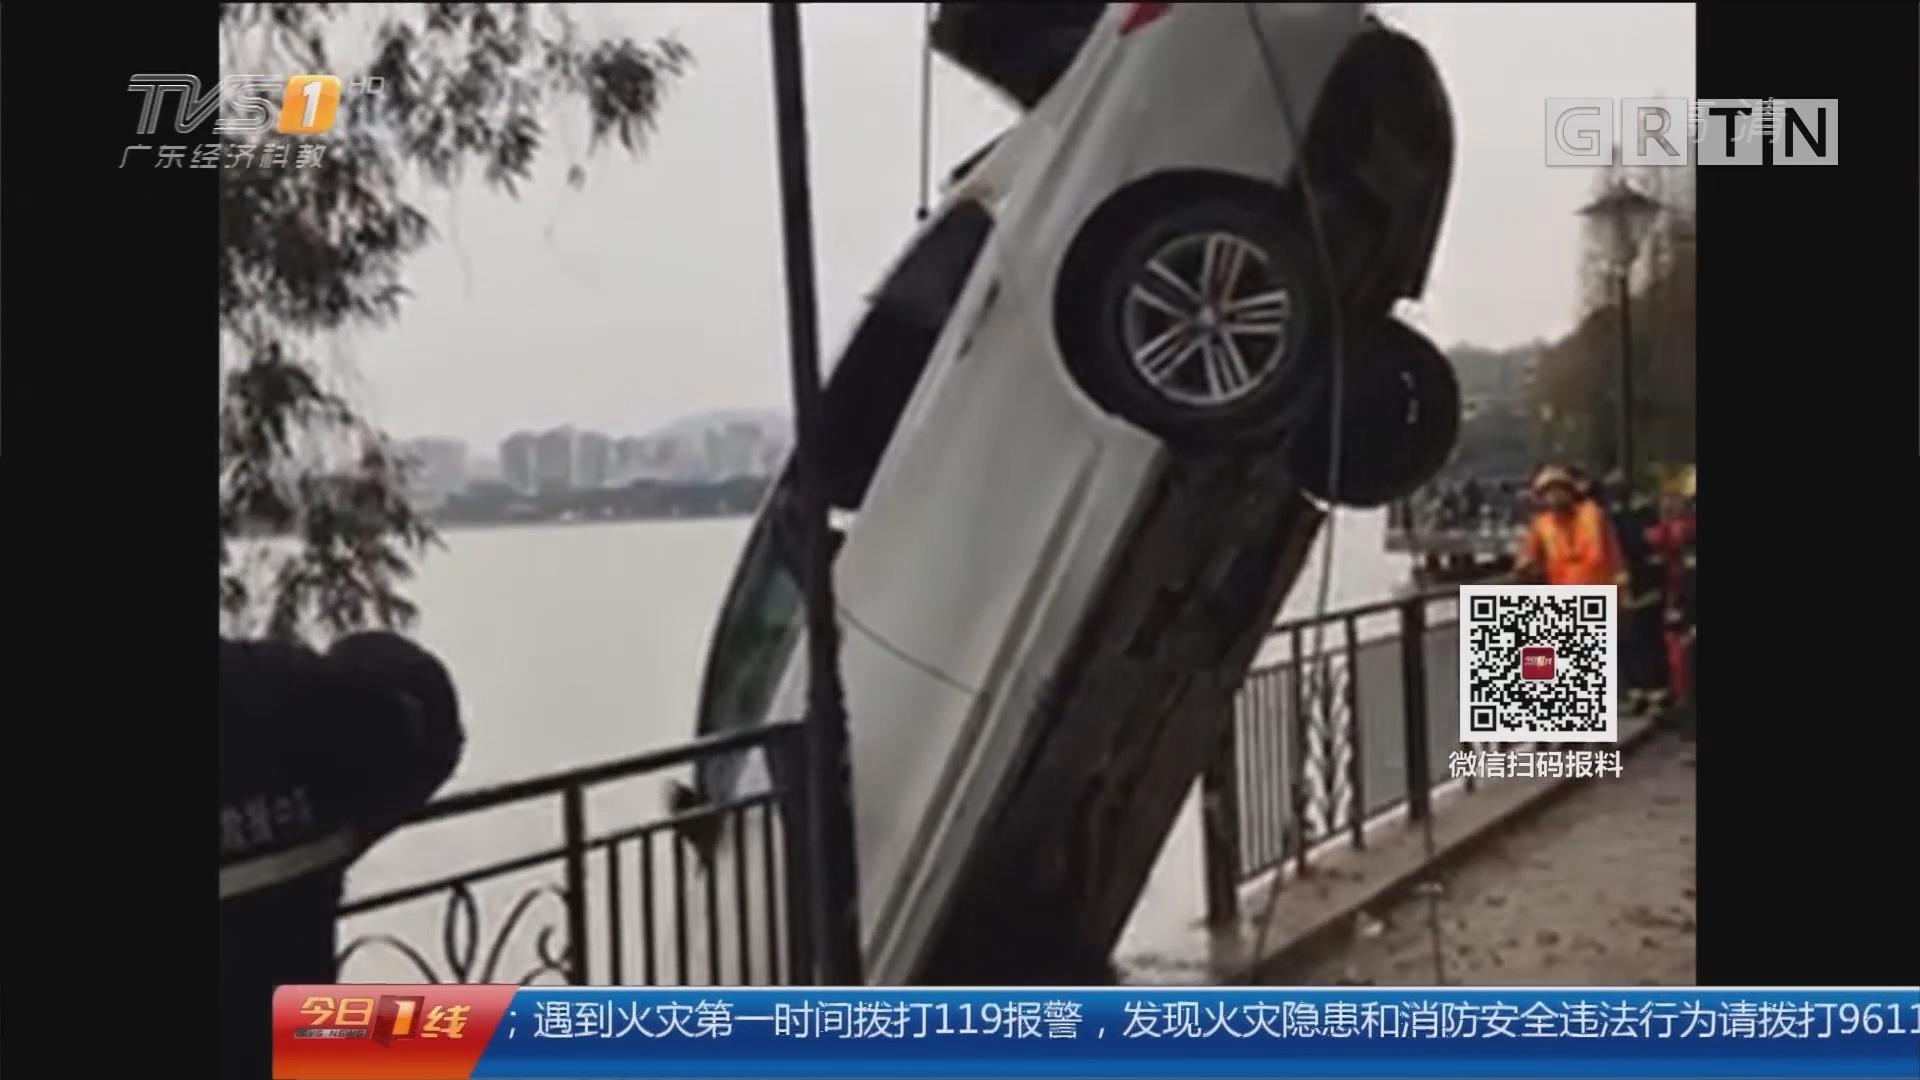 肇庆端州:宝马车冲进湖 事后车内空无一人